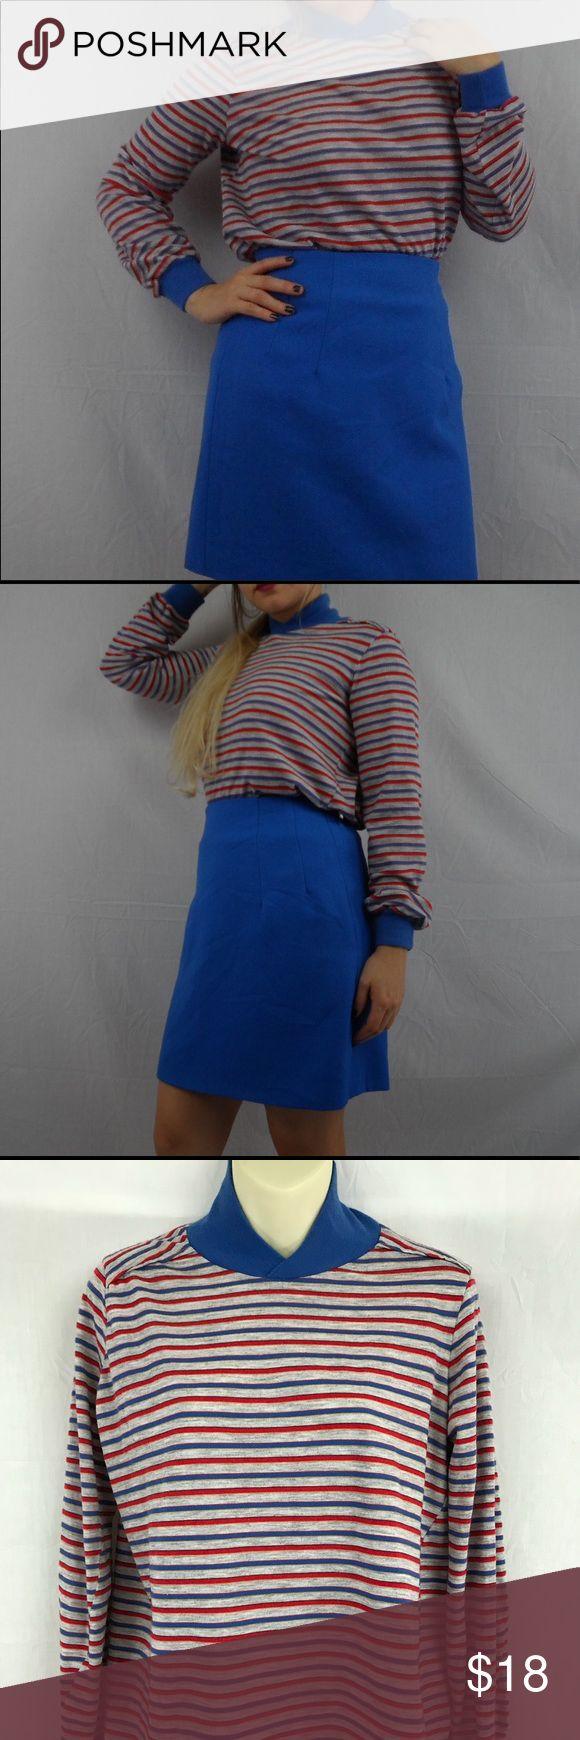 Best 25 chucky striped shirt ideas on pinterest toddler for Chucky long sleeve striped shirt